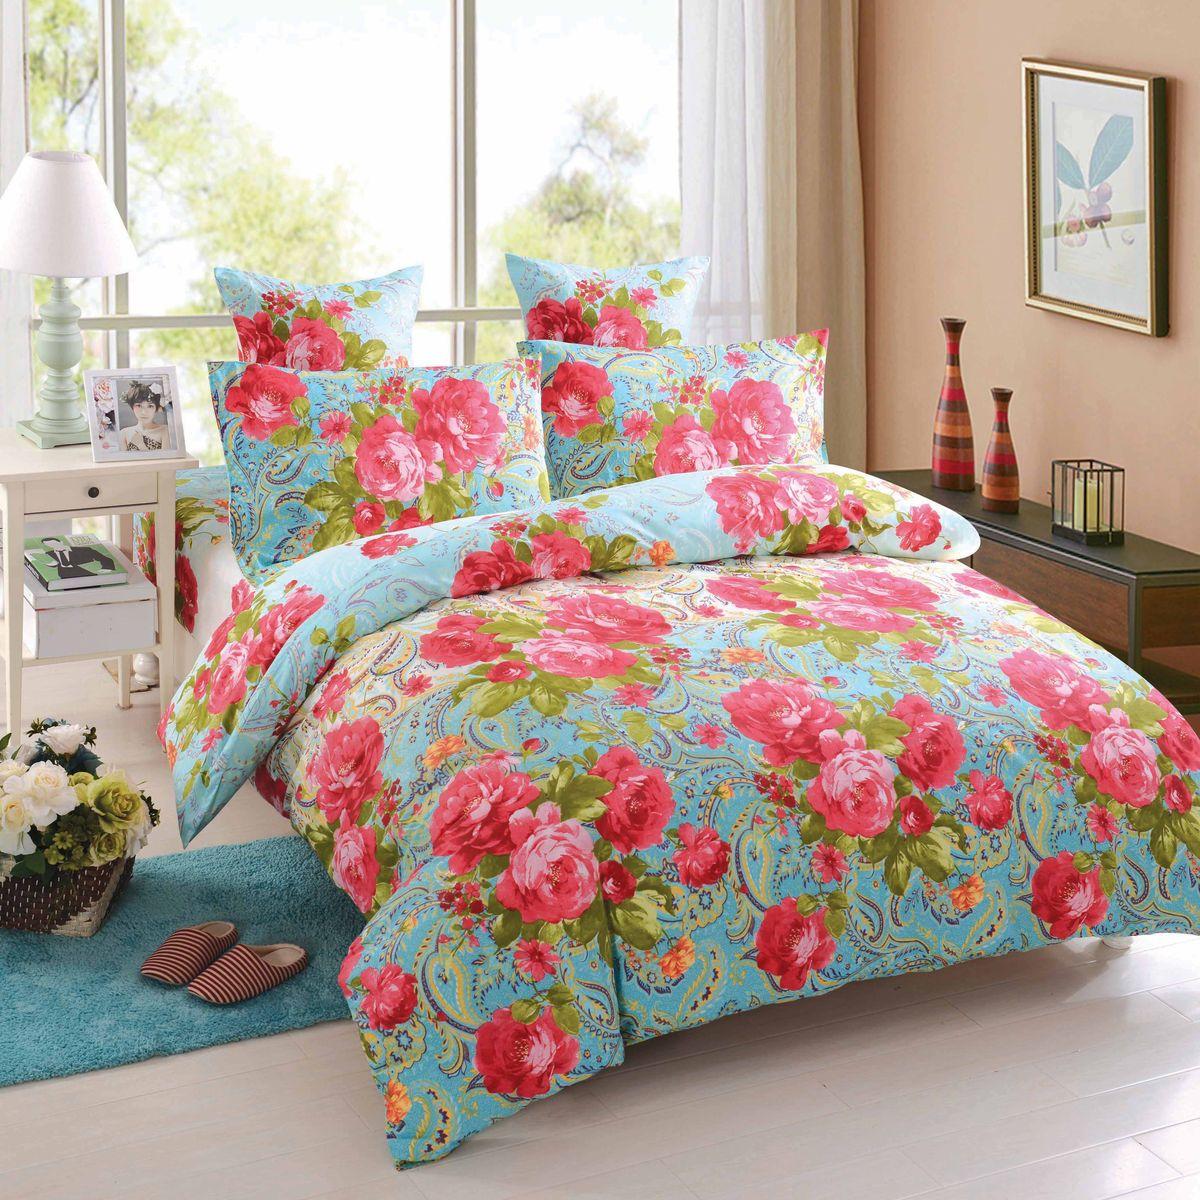 Комплект белья Amore Mio Naples, 2-спальный, наволочки 70x70, цвет: красный, голубой87084Постельное белье Amore Mio из сатина - оригинальные дизайны и отменное качество. Ткань изготовлена из 100% хлопка, плотная и легкая, яркие рисунки, отменное качество пошива.